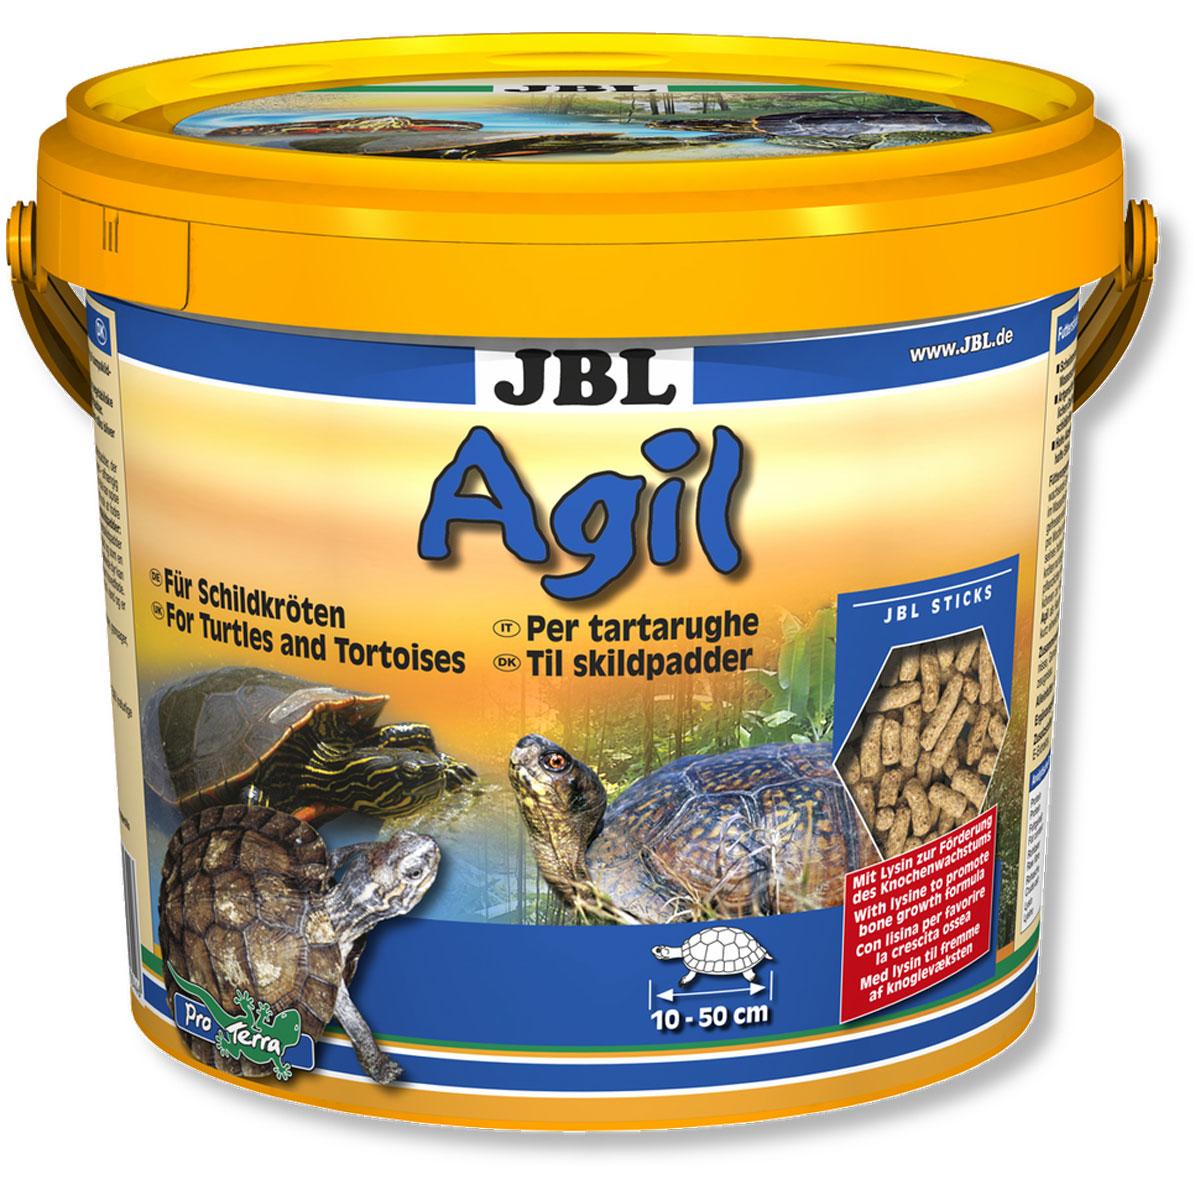 JBL Agil Питательный корм в форме палочек для черепах, 2,5 л (1000 г)JBL7034400JBL Agil - Питательный корм в форме палочек для черепах, 2,5 л. (1000 г.)